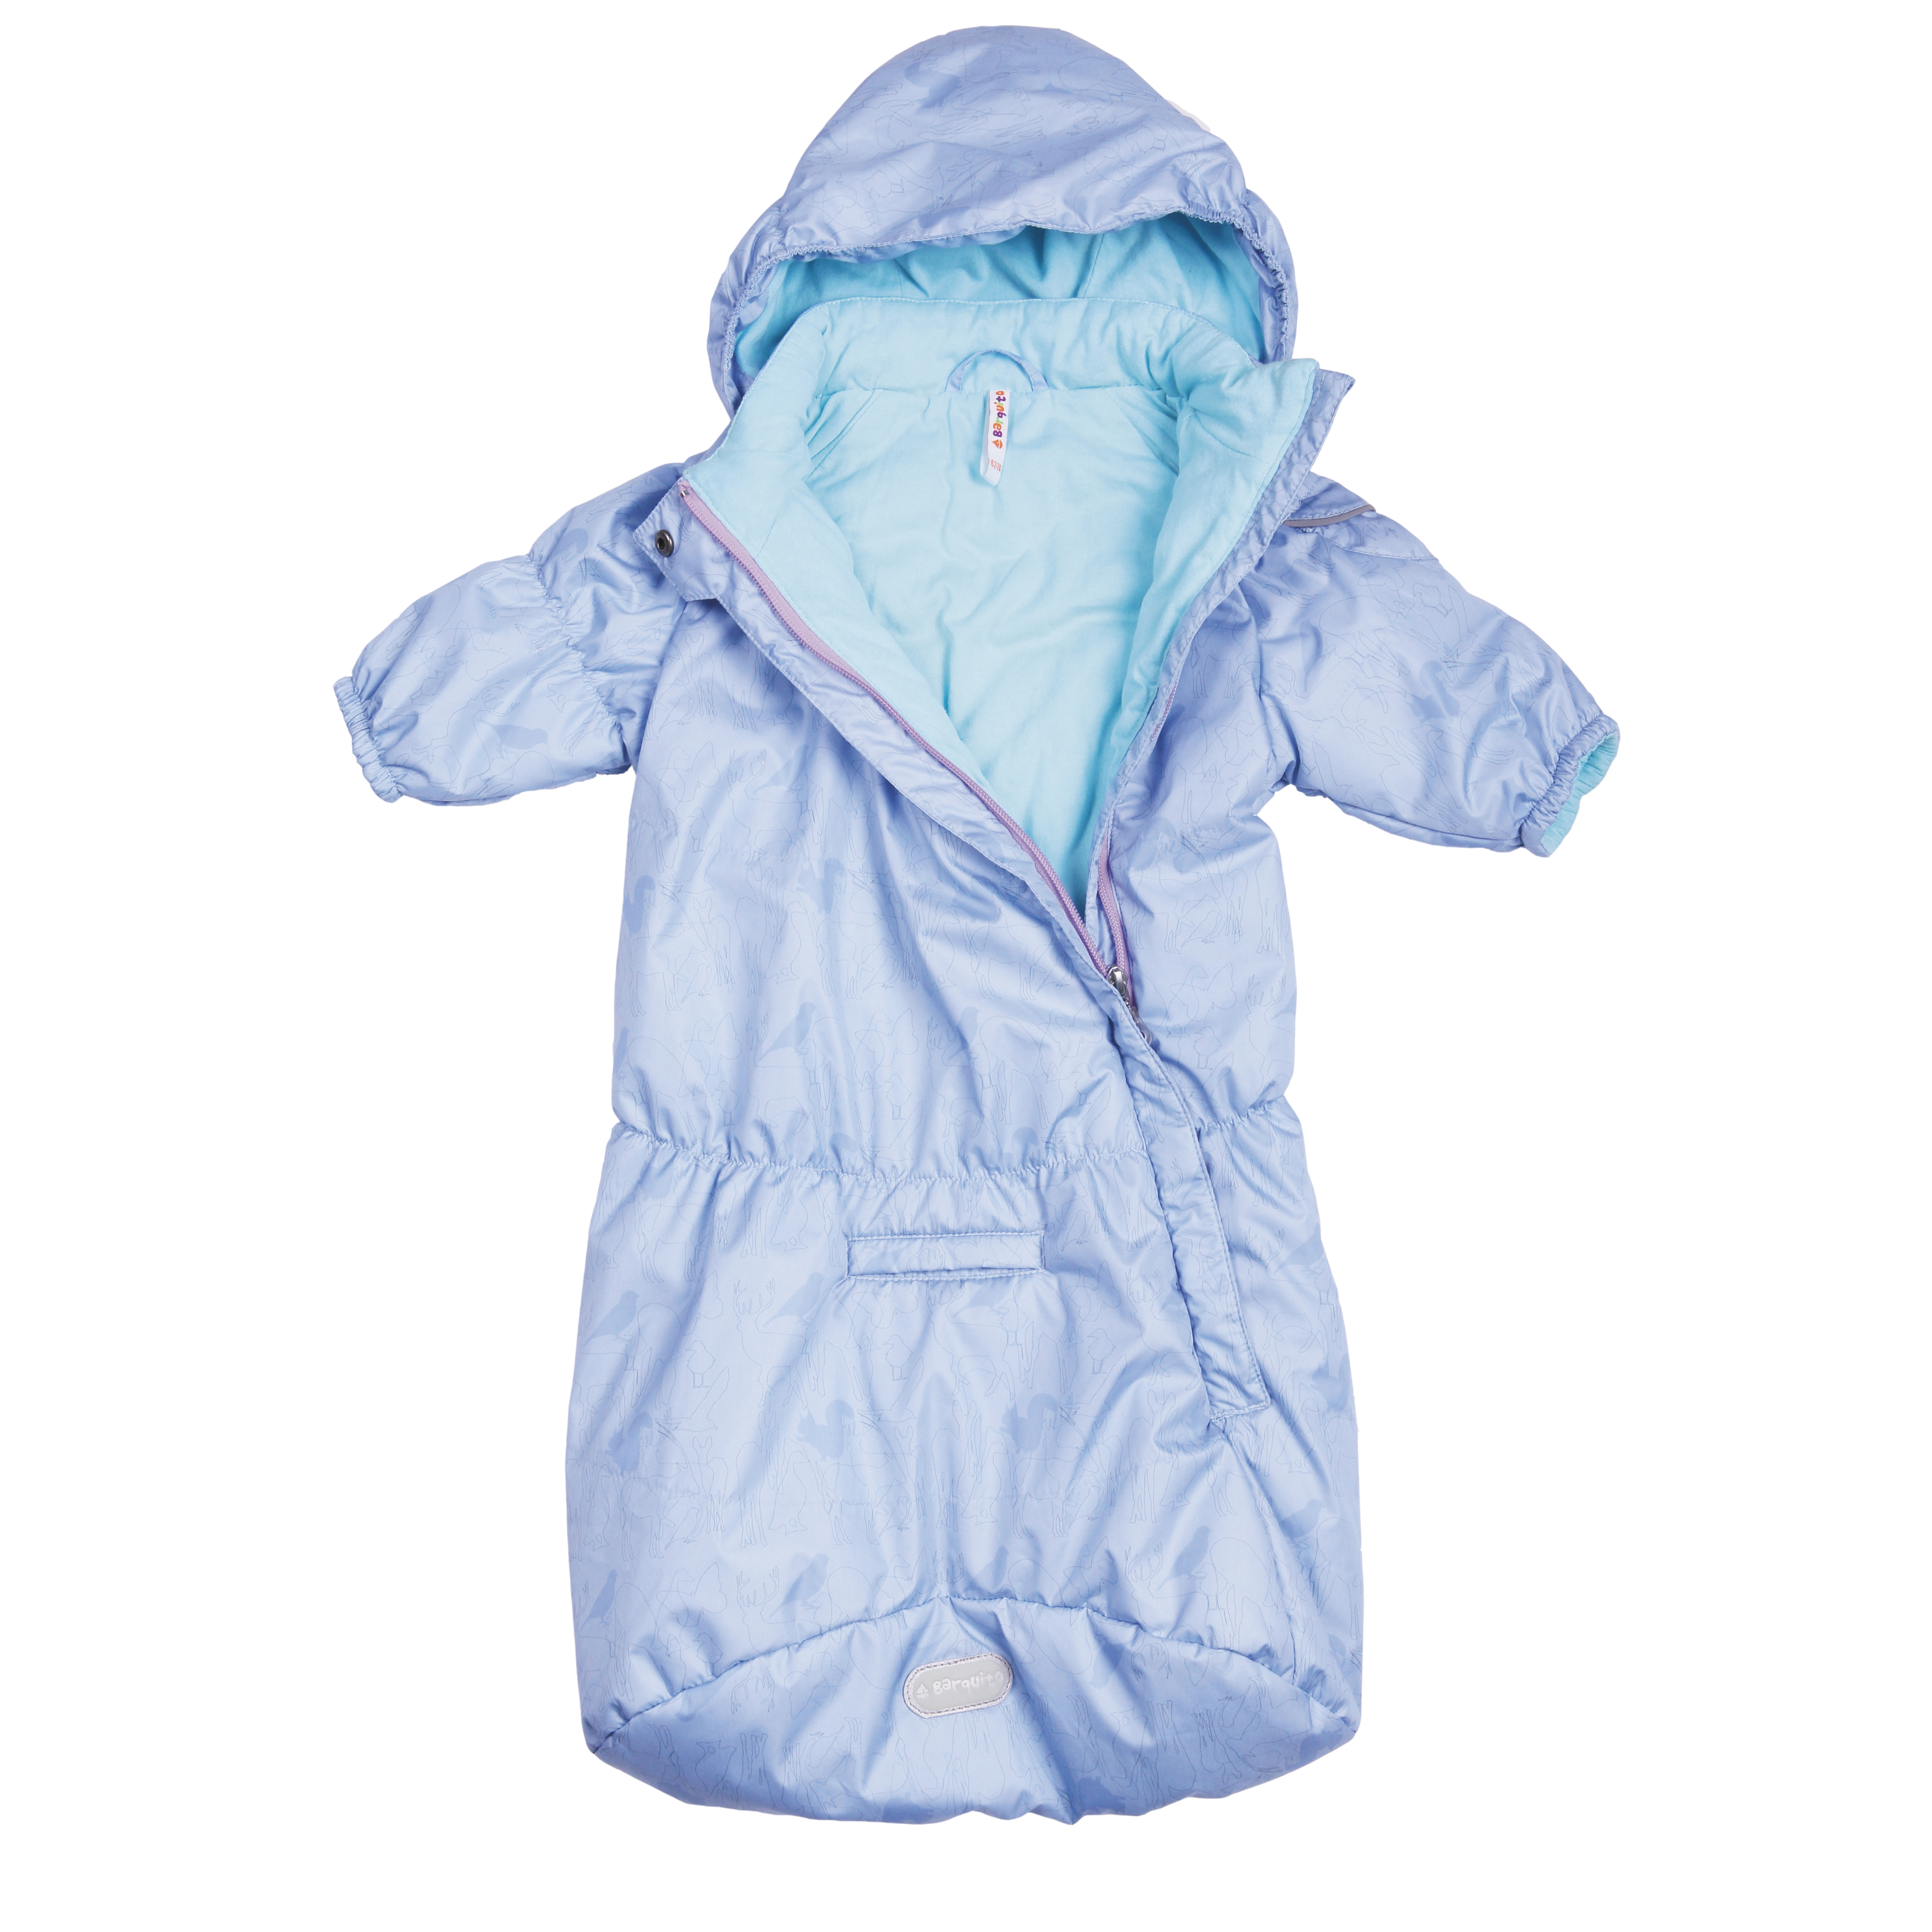 Конверты и спальные мешки BARQUITO Спальный мешок для мальчика Barquito голубой спальный мешок